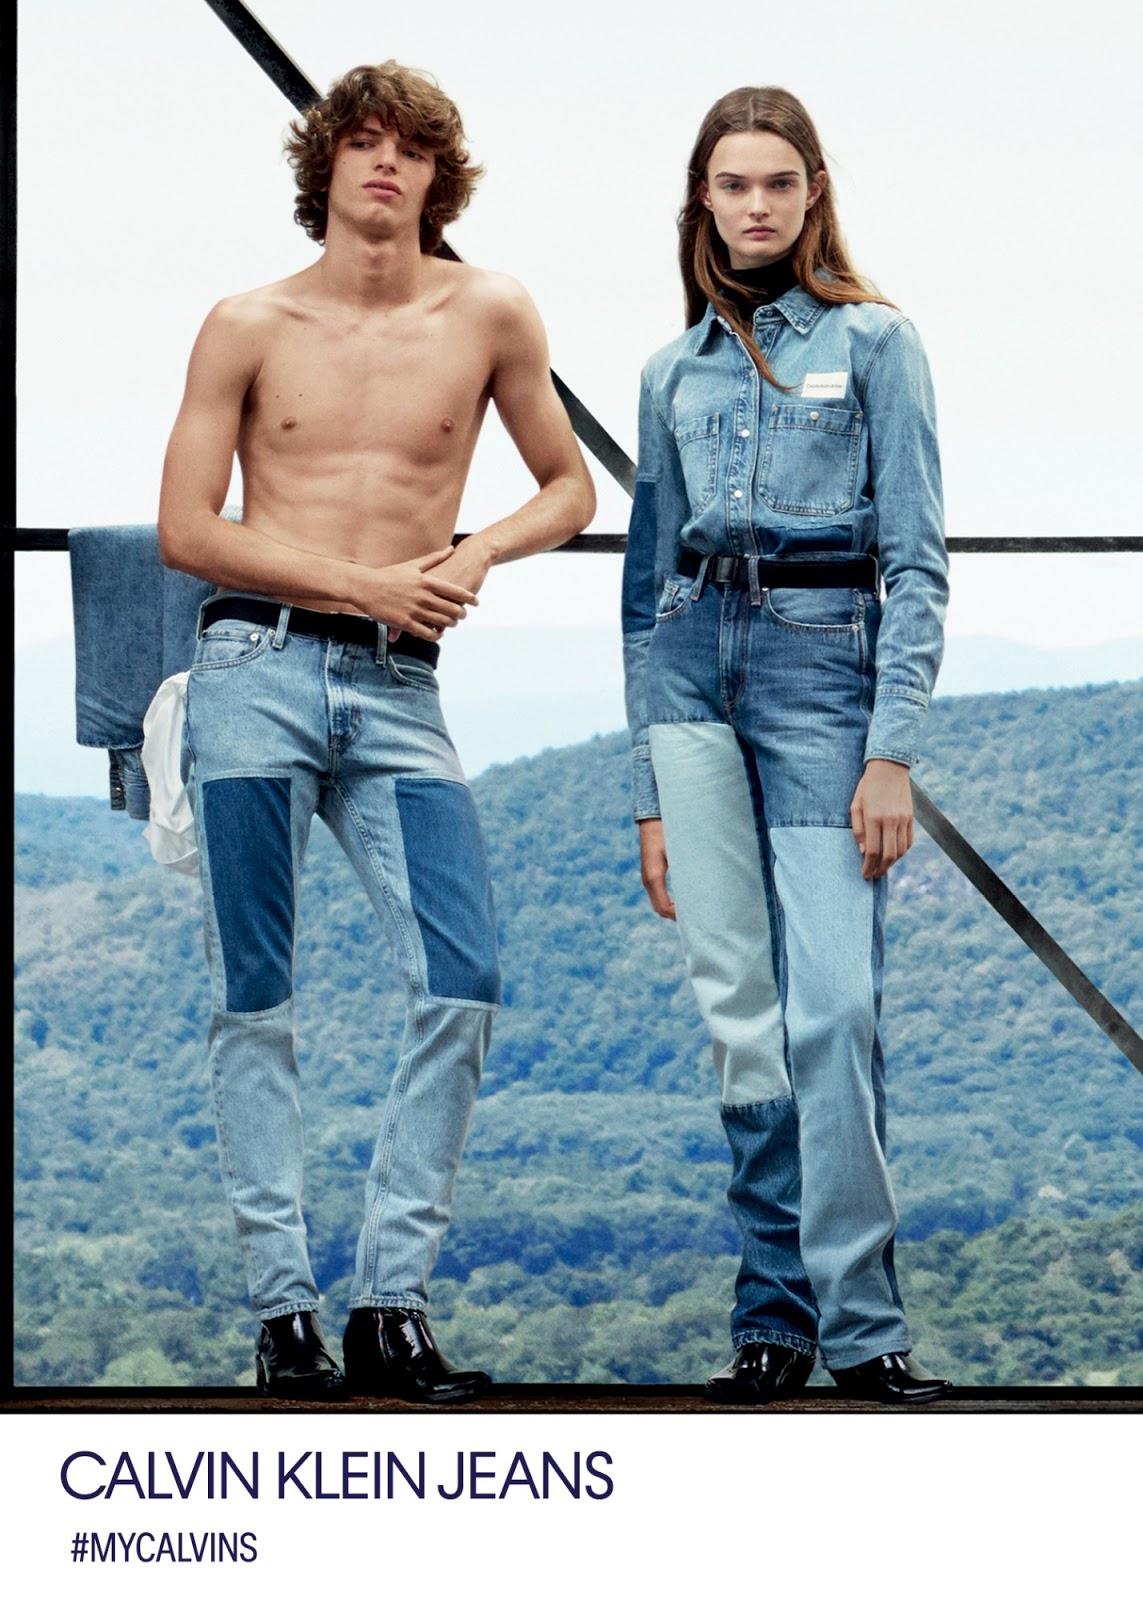 A campanha revela a visão democrática de Raf Simons sobre o jeans, enquanto  ao mesmo tempo honra a tradição da Calvin Klein Jeans de defender esse  espírito ... 29471f92a3